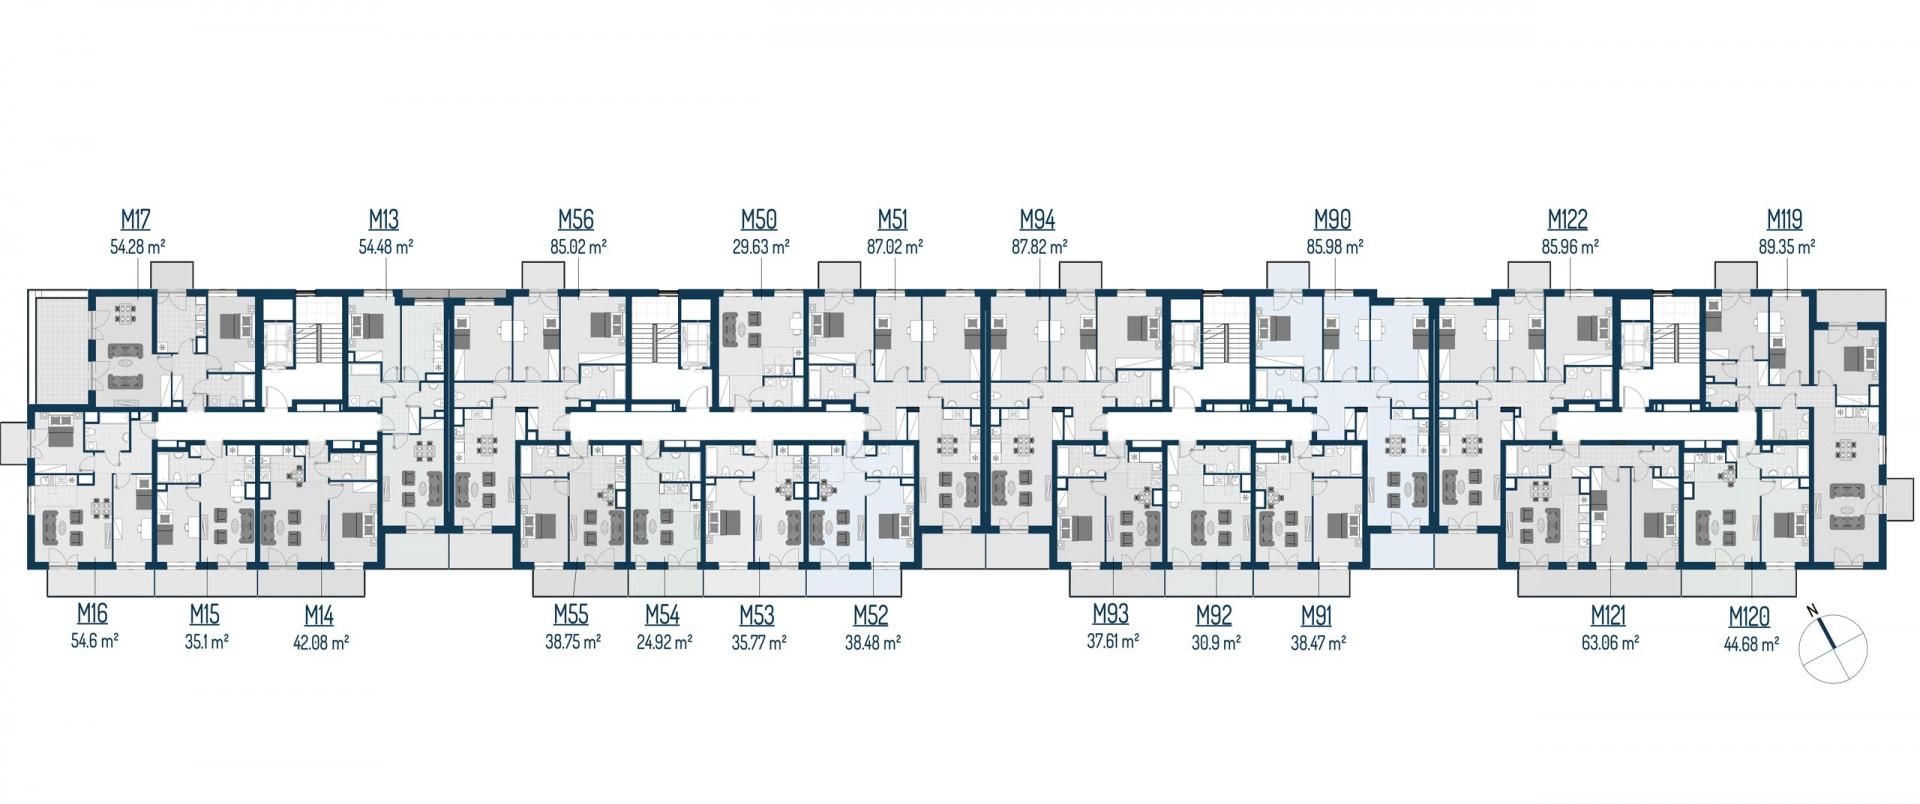 Zdrowe Stylove / budynek 2 / mieszkanie nr 17 rzut 2